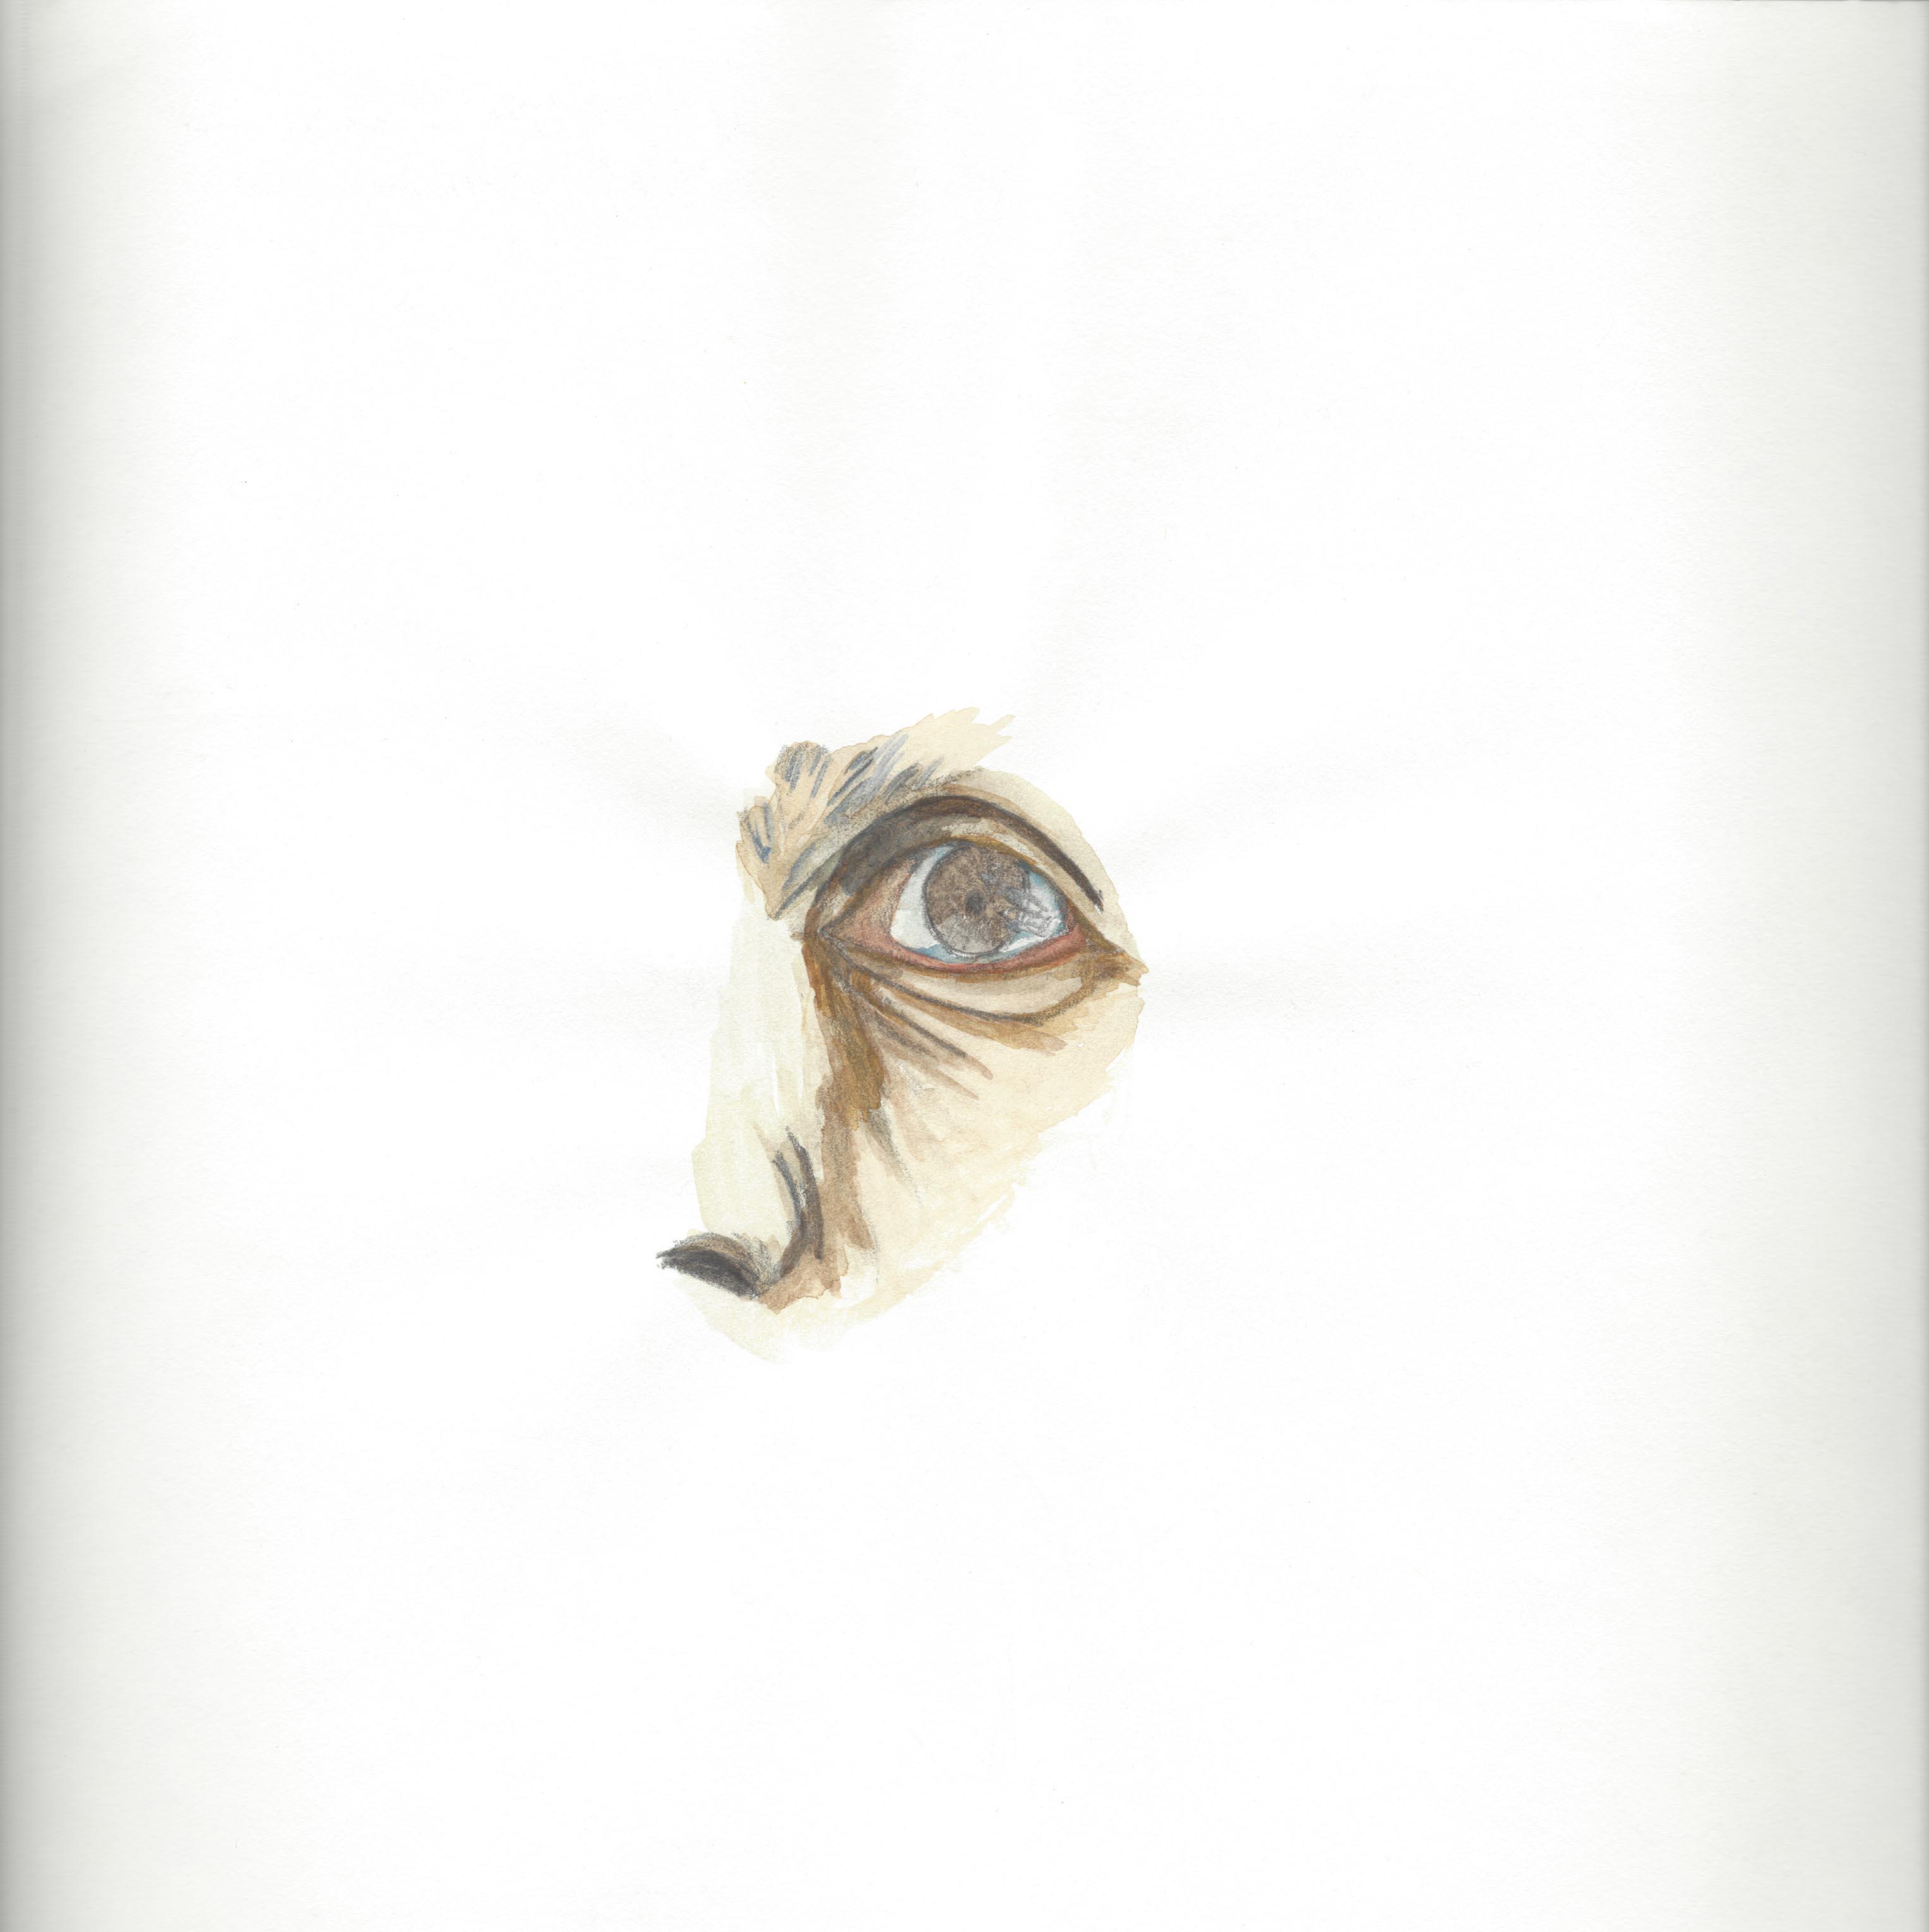 La otra mirada, 2015 Acuarela sobre papel 20 x 20 cm